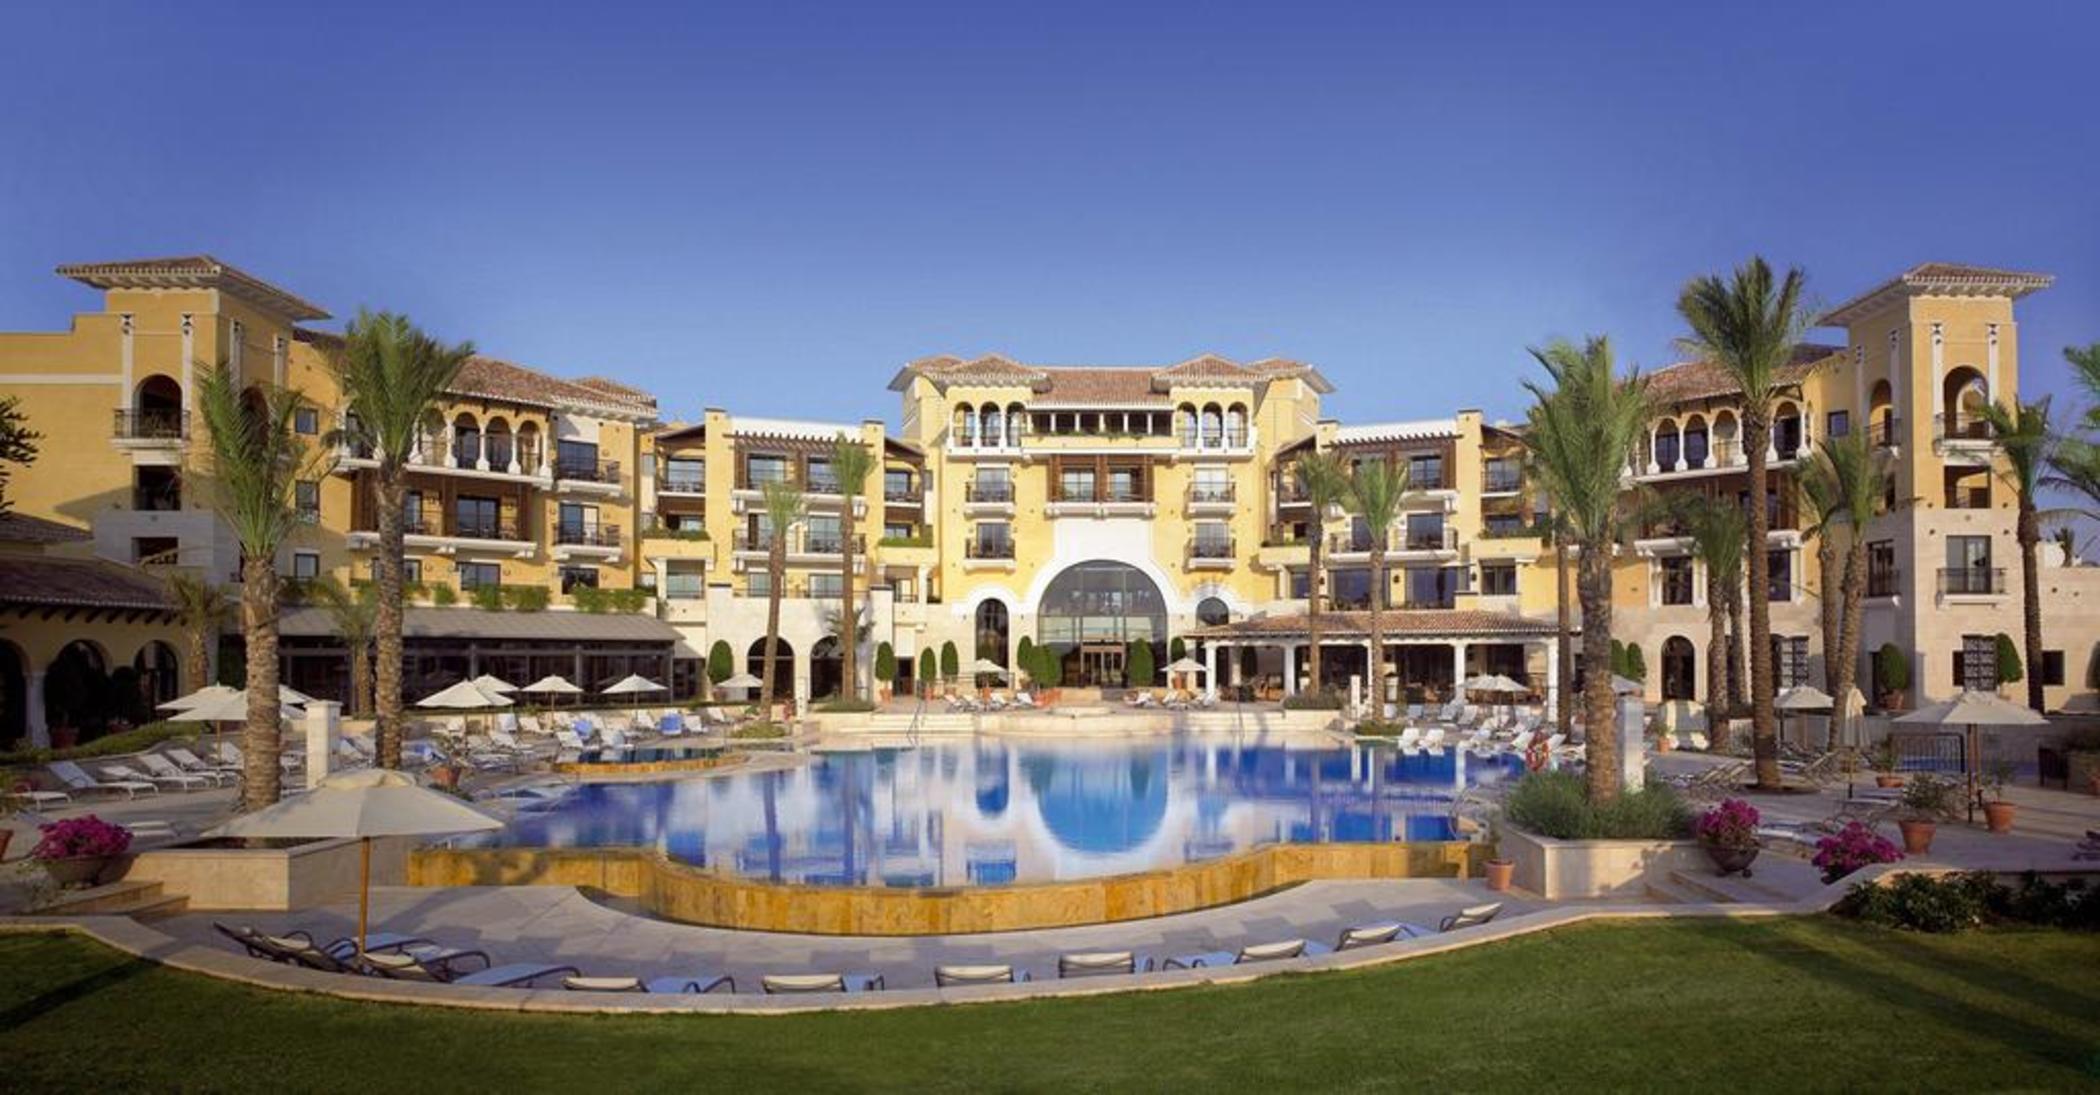 Intercontinental Mar Menor Golf Resort & Spa, Murcia